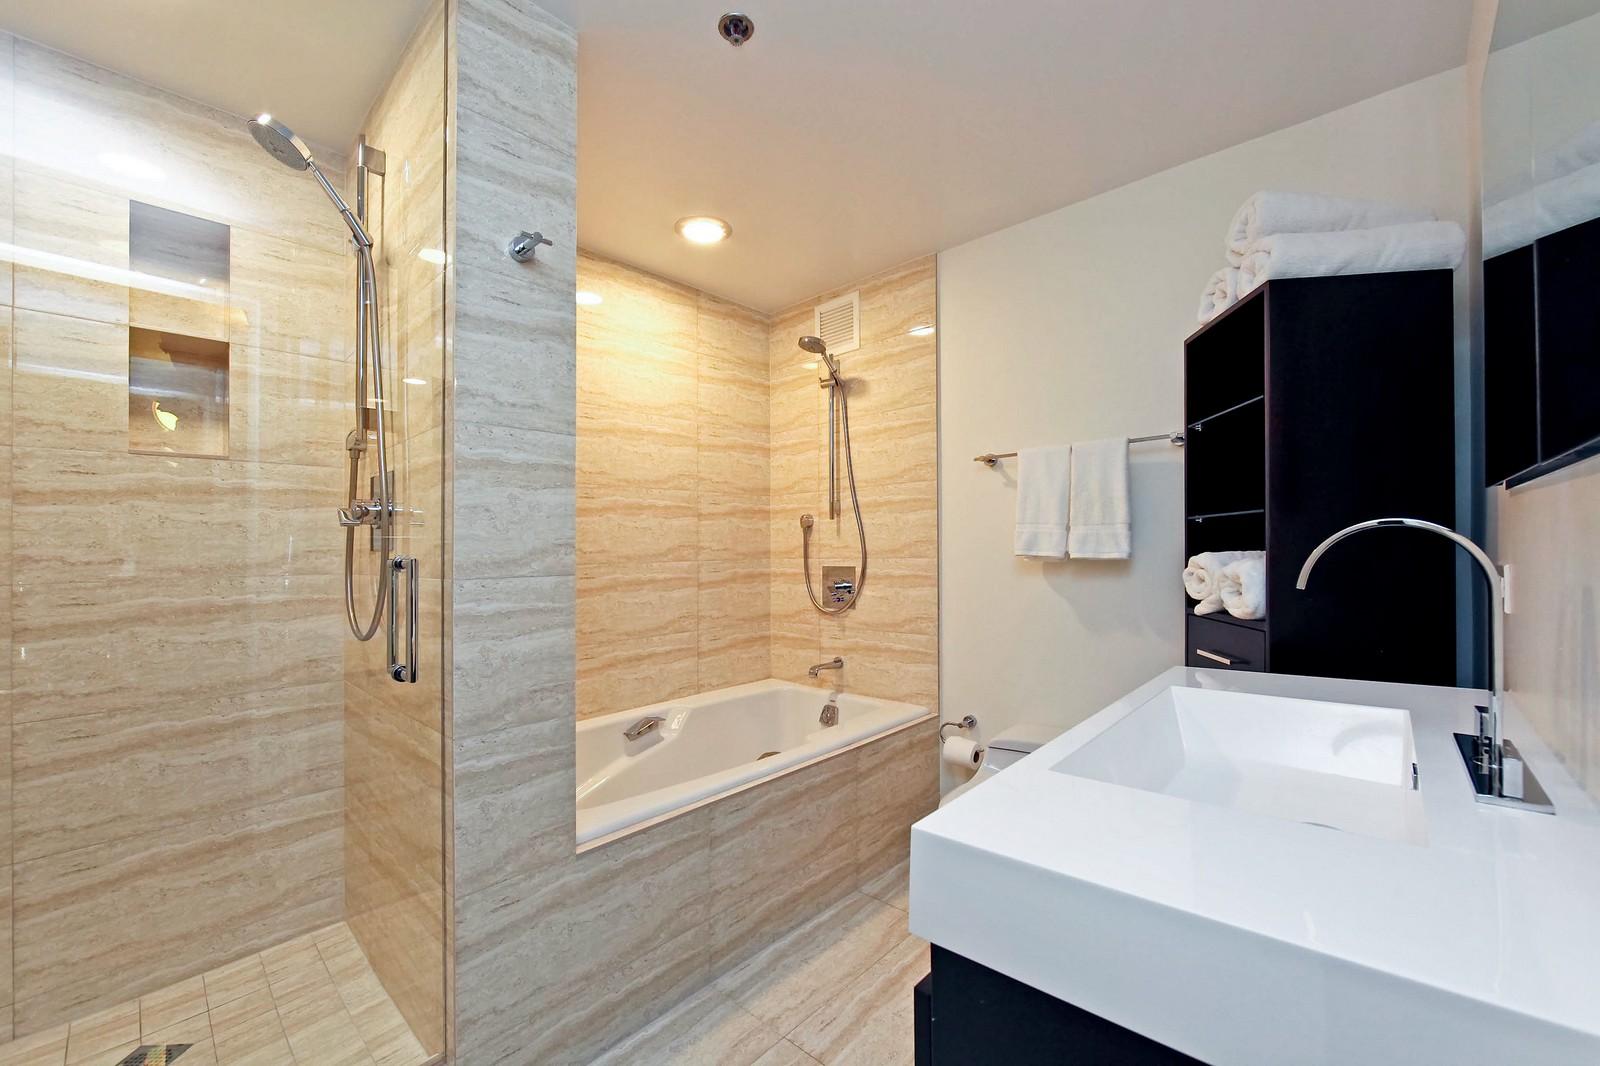 Real Estate Photography - 100 E Huron, Unit 4504, Chicago, IL, 60611 - Master Bathroom